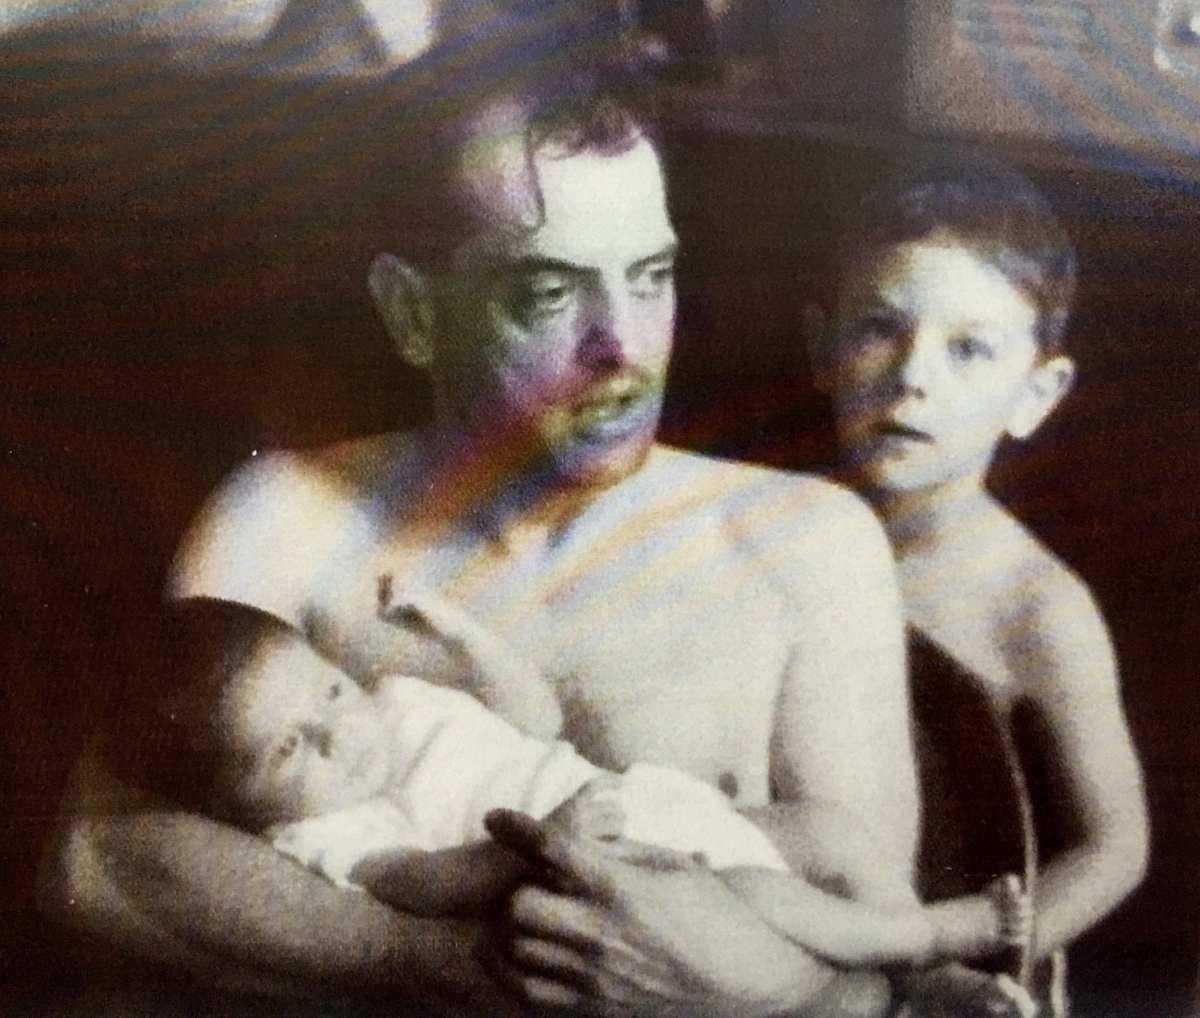 Luis Buñuel con sus hijos